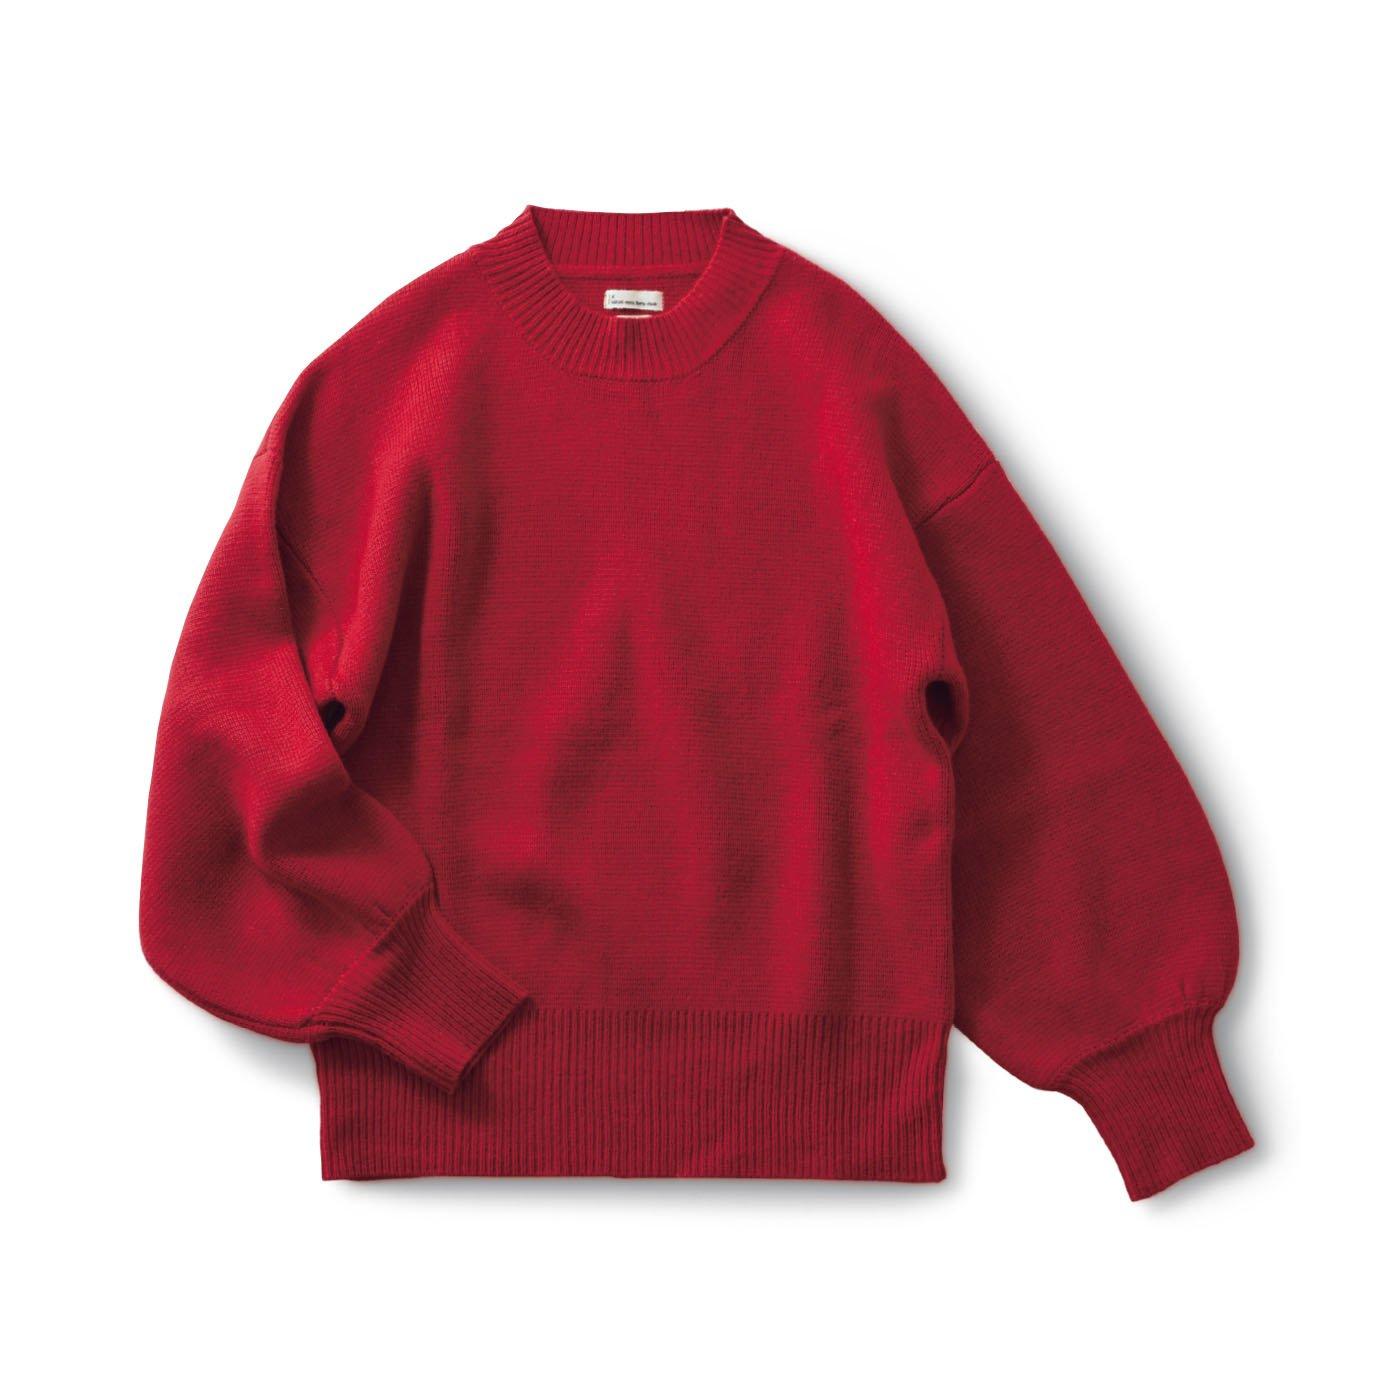 サニークラウズ kazumiのまっ赤なセーター〈レディース〉